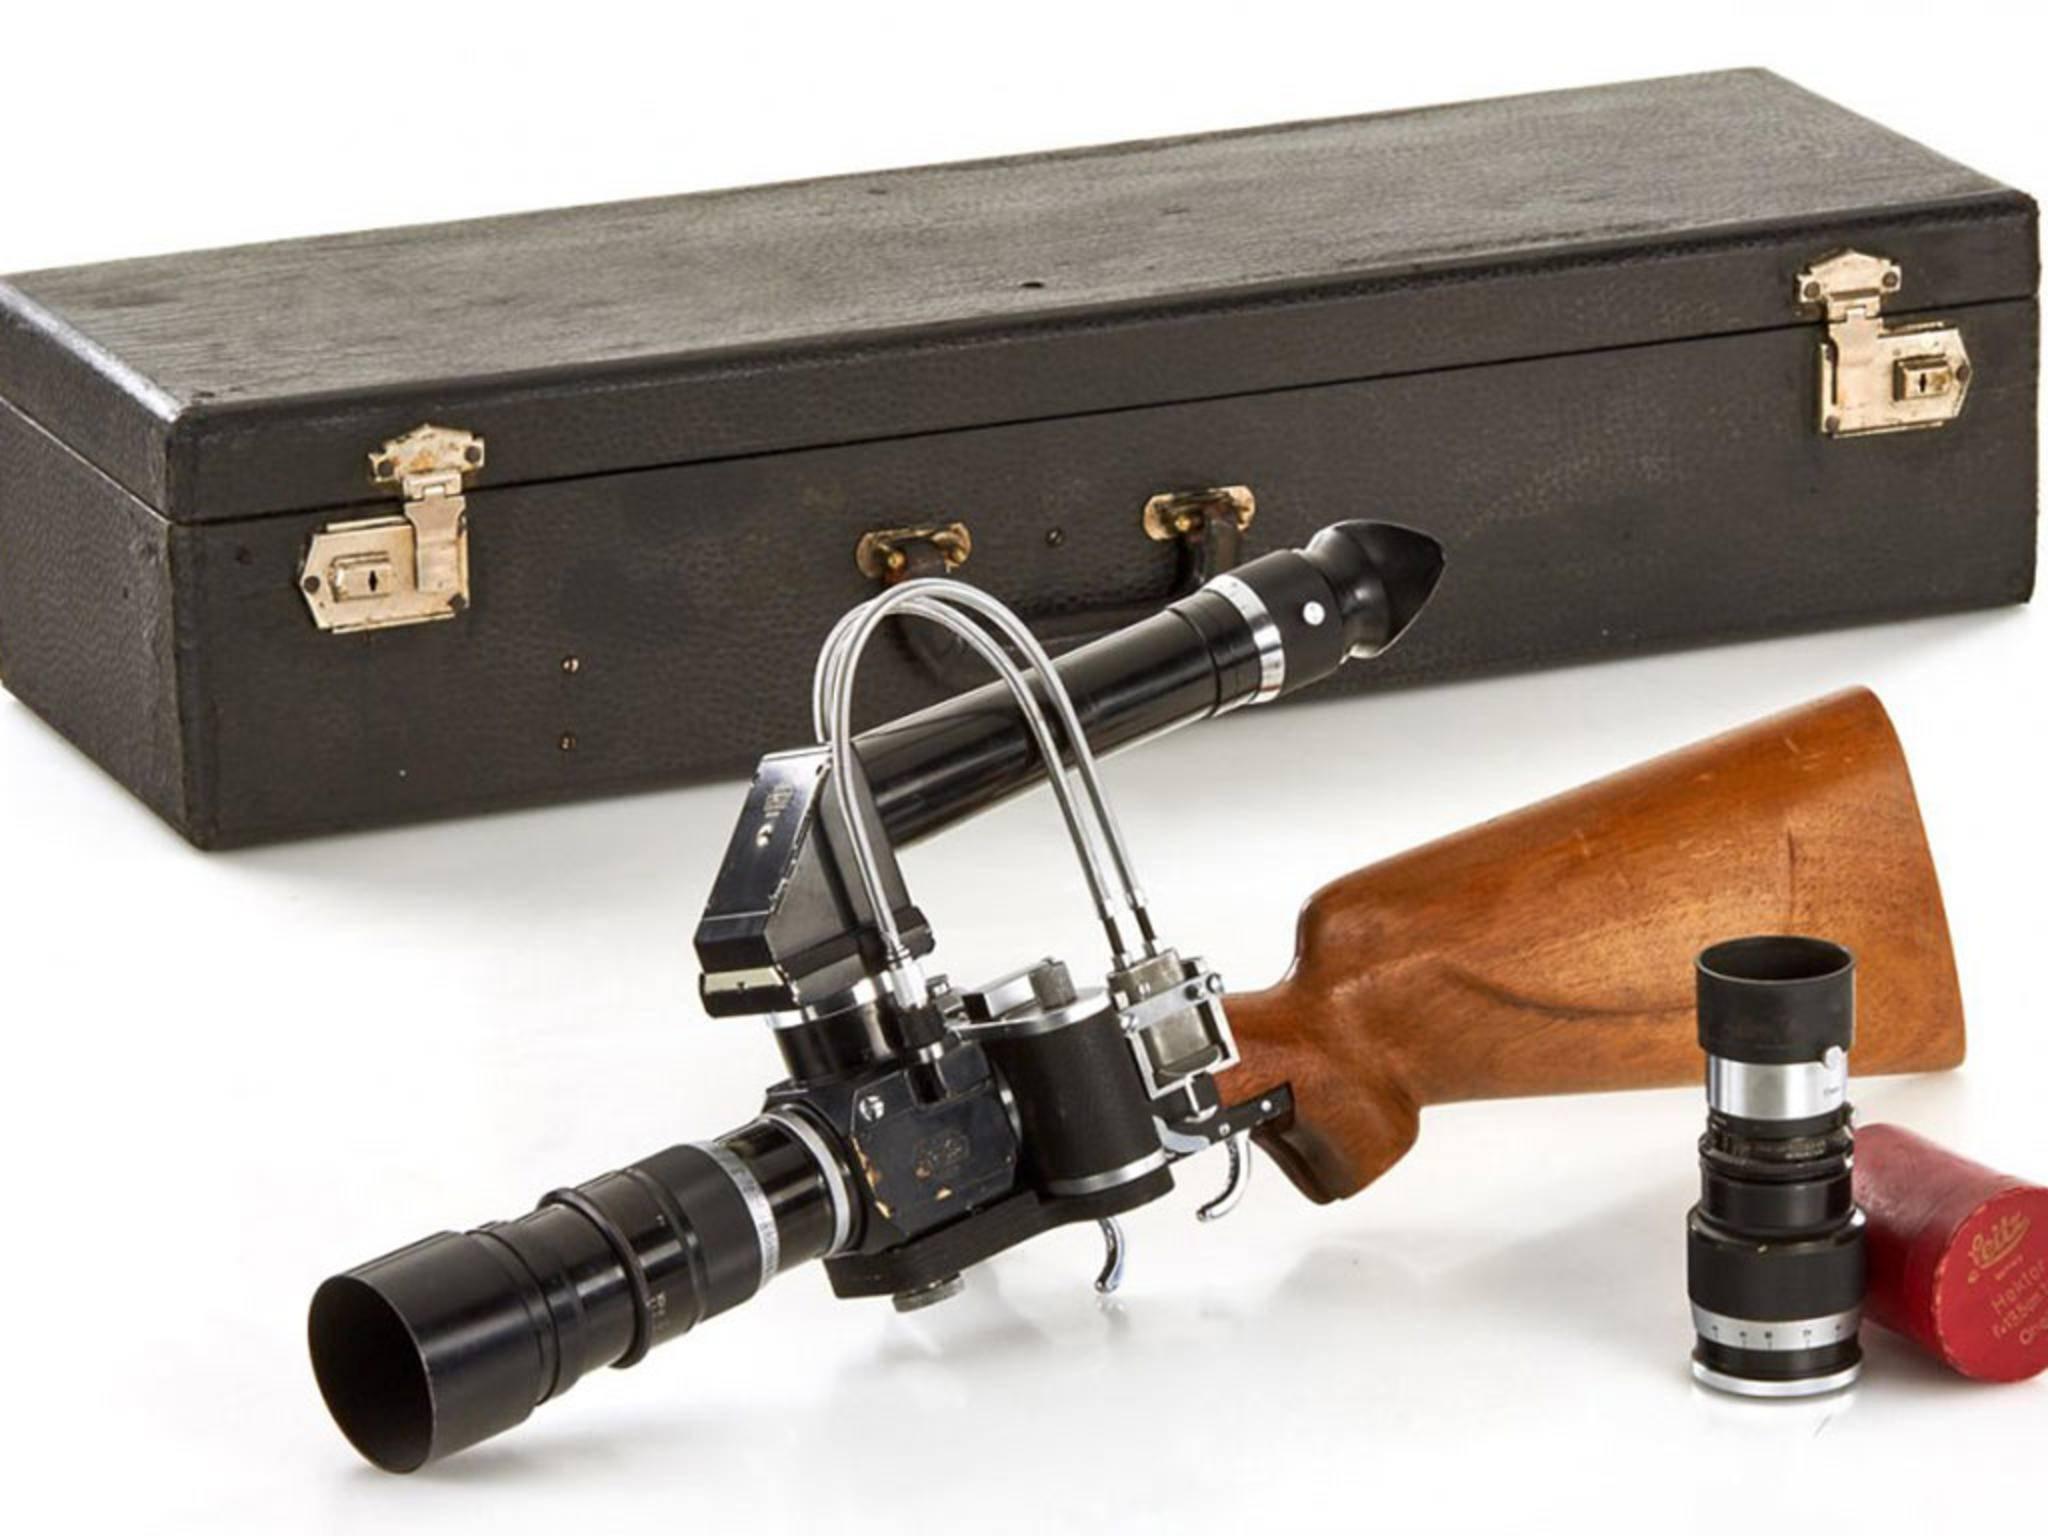 Komplett ausgestattet: Mit der Leica Foto-Kamera Bilder schießen.